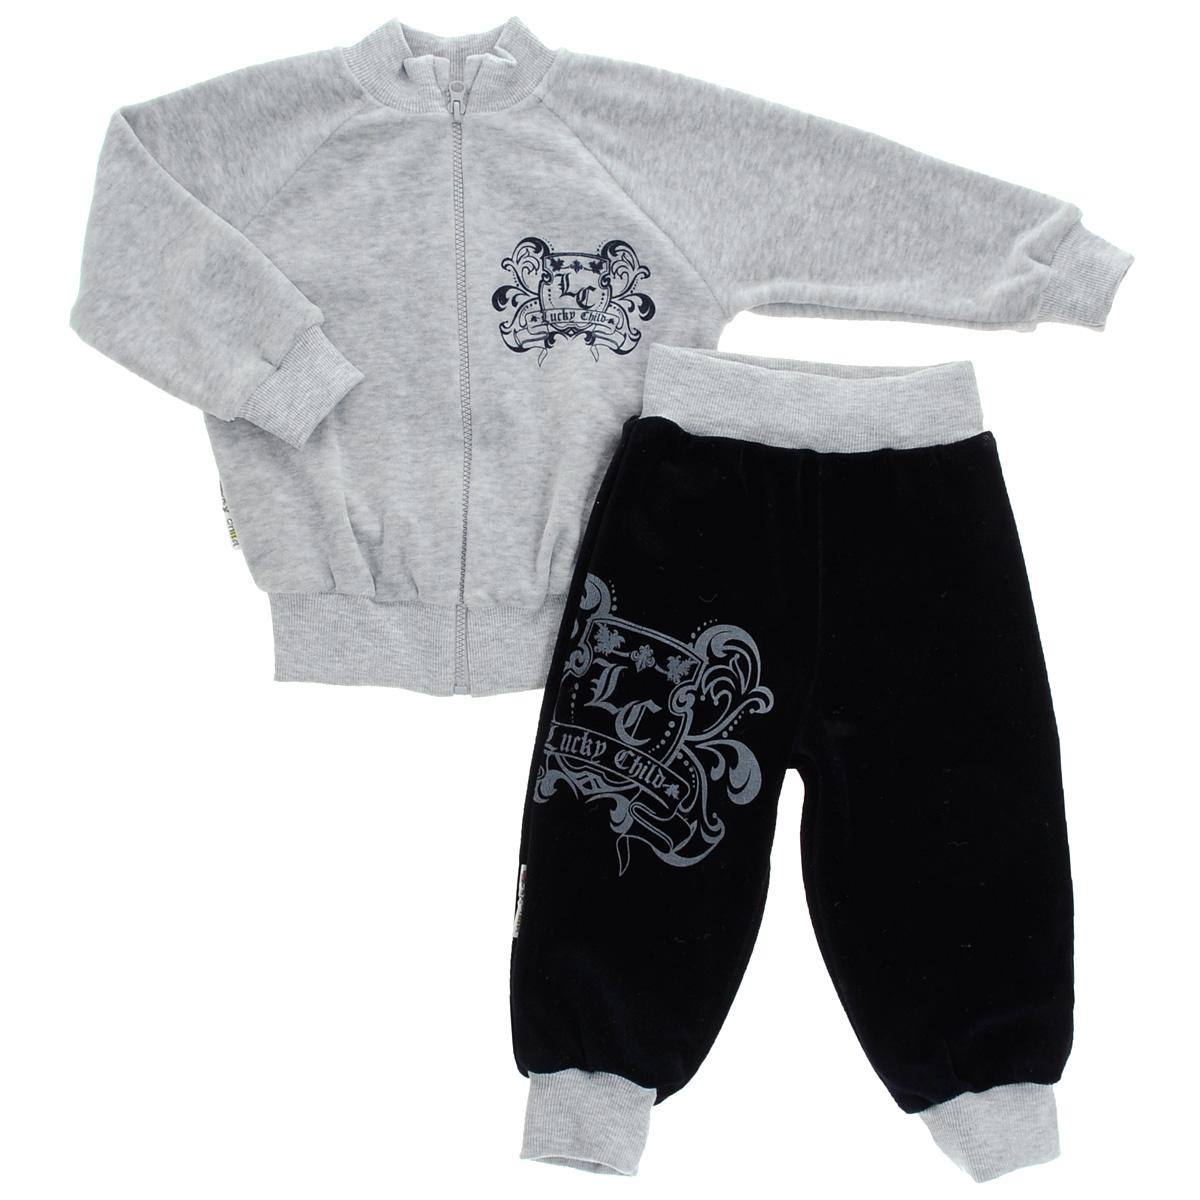 Комплект для мальчика Lucky Child: толстовка, брюки, цвет: серый, темно-синий. 5-8. Размер 98/1045-8Детский комплект для мальчика Lucky Child, состоящий из толстовки и брюк - очень удобный и практичный. Комплект выполнен из велюра, благодаря чему он необычайно мягкий и приятный на ощупь, не раздражают нежную кожу ребенка и хорошо вентилируются, а эластичные швы приятны телу малыша и не препятствуют его движениям. Толстовка с воротником-стойкой и длинными рукавами-реглан застегивается на пластиковую застежку-молнию. Рукава дополнены широкими трикотажными манжетами, не стягивающими запястья. Понизу также проходит широкая трикотажная резинка. На груди она оформлена оригинальным принтом в виде логотипа бренда. Брюки прямого покроя на талии имеют широкую эластичную резинку, благодаря чему они не сдавливают животик ребенка и не сползают. Понизу штанины дополнены широкими трикотажными манжетами. Спереди брюки декорированы таким же рисунком, как на толстовке. Оригинальный дизайн и модная расцветка делают этот комплект незаменимым предметом детского гардероба. В нем ваш ребенок всегда будет в центре внимания!